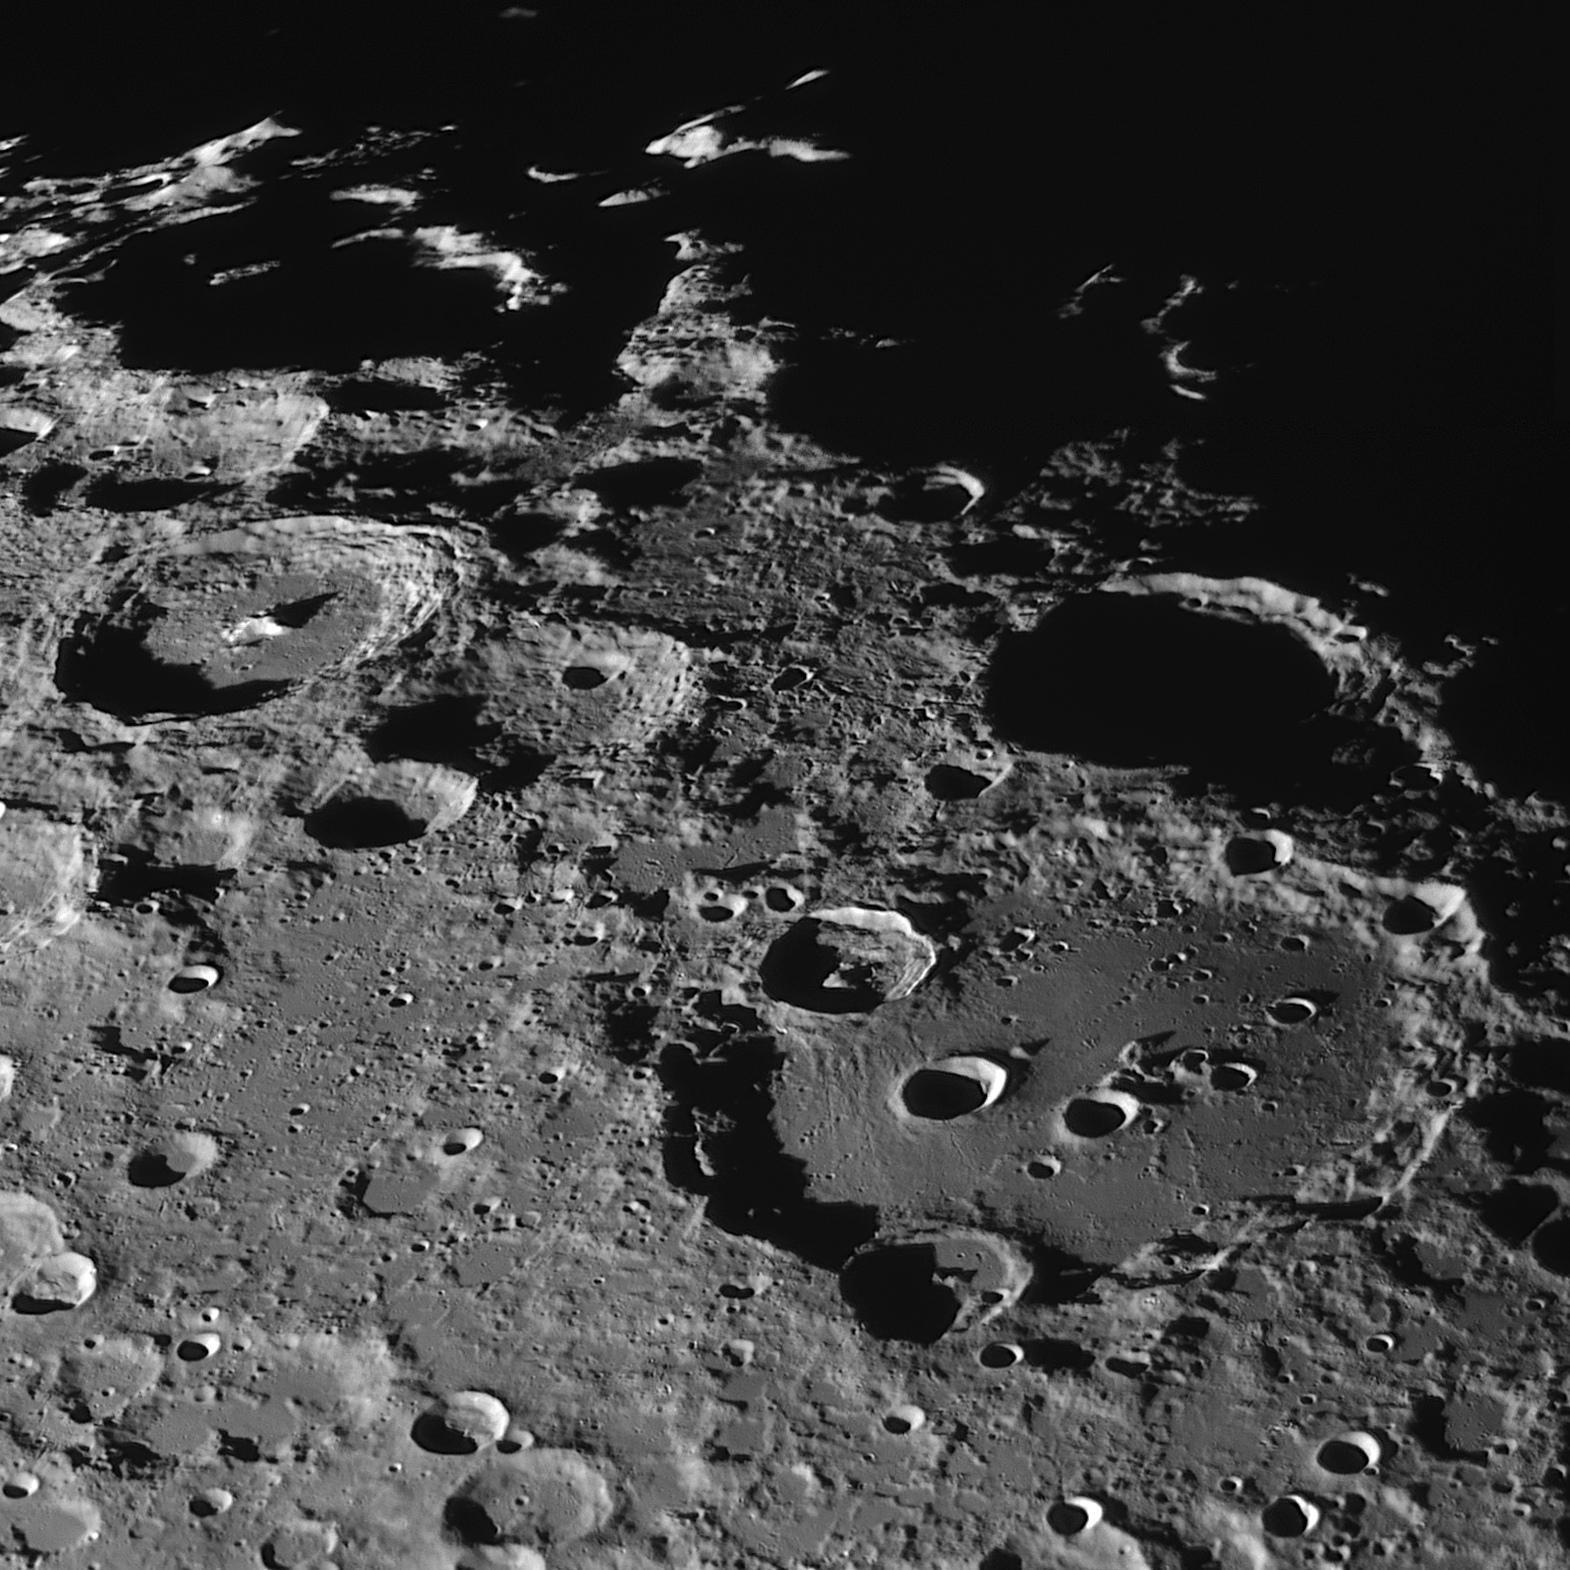 5cddc91c004fb_2019-05-2021-R-Moon.jpg.587def895070713853414d39d090958e.jpg